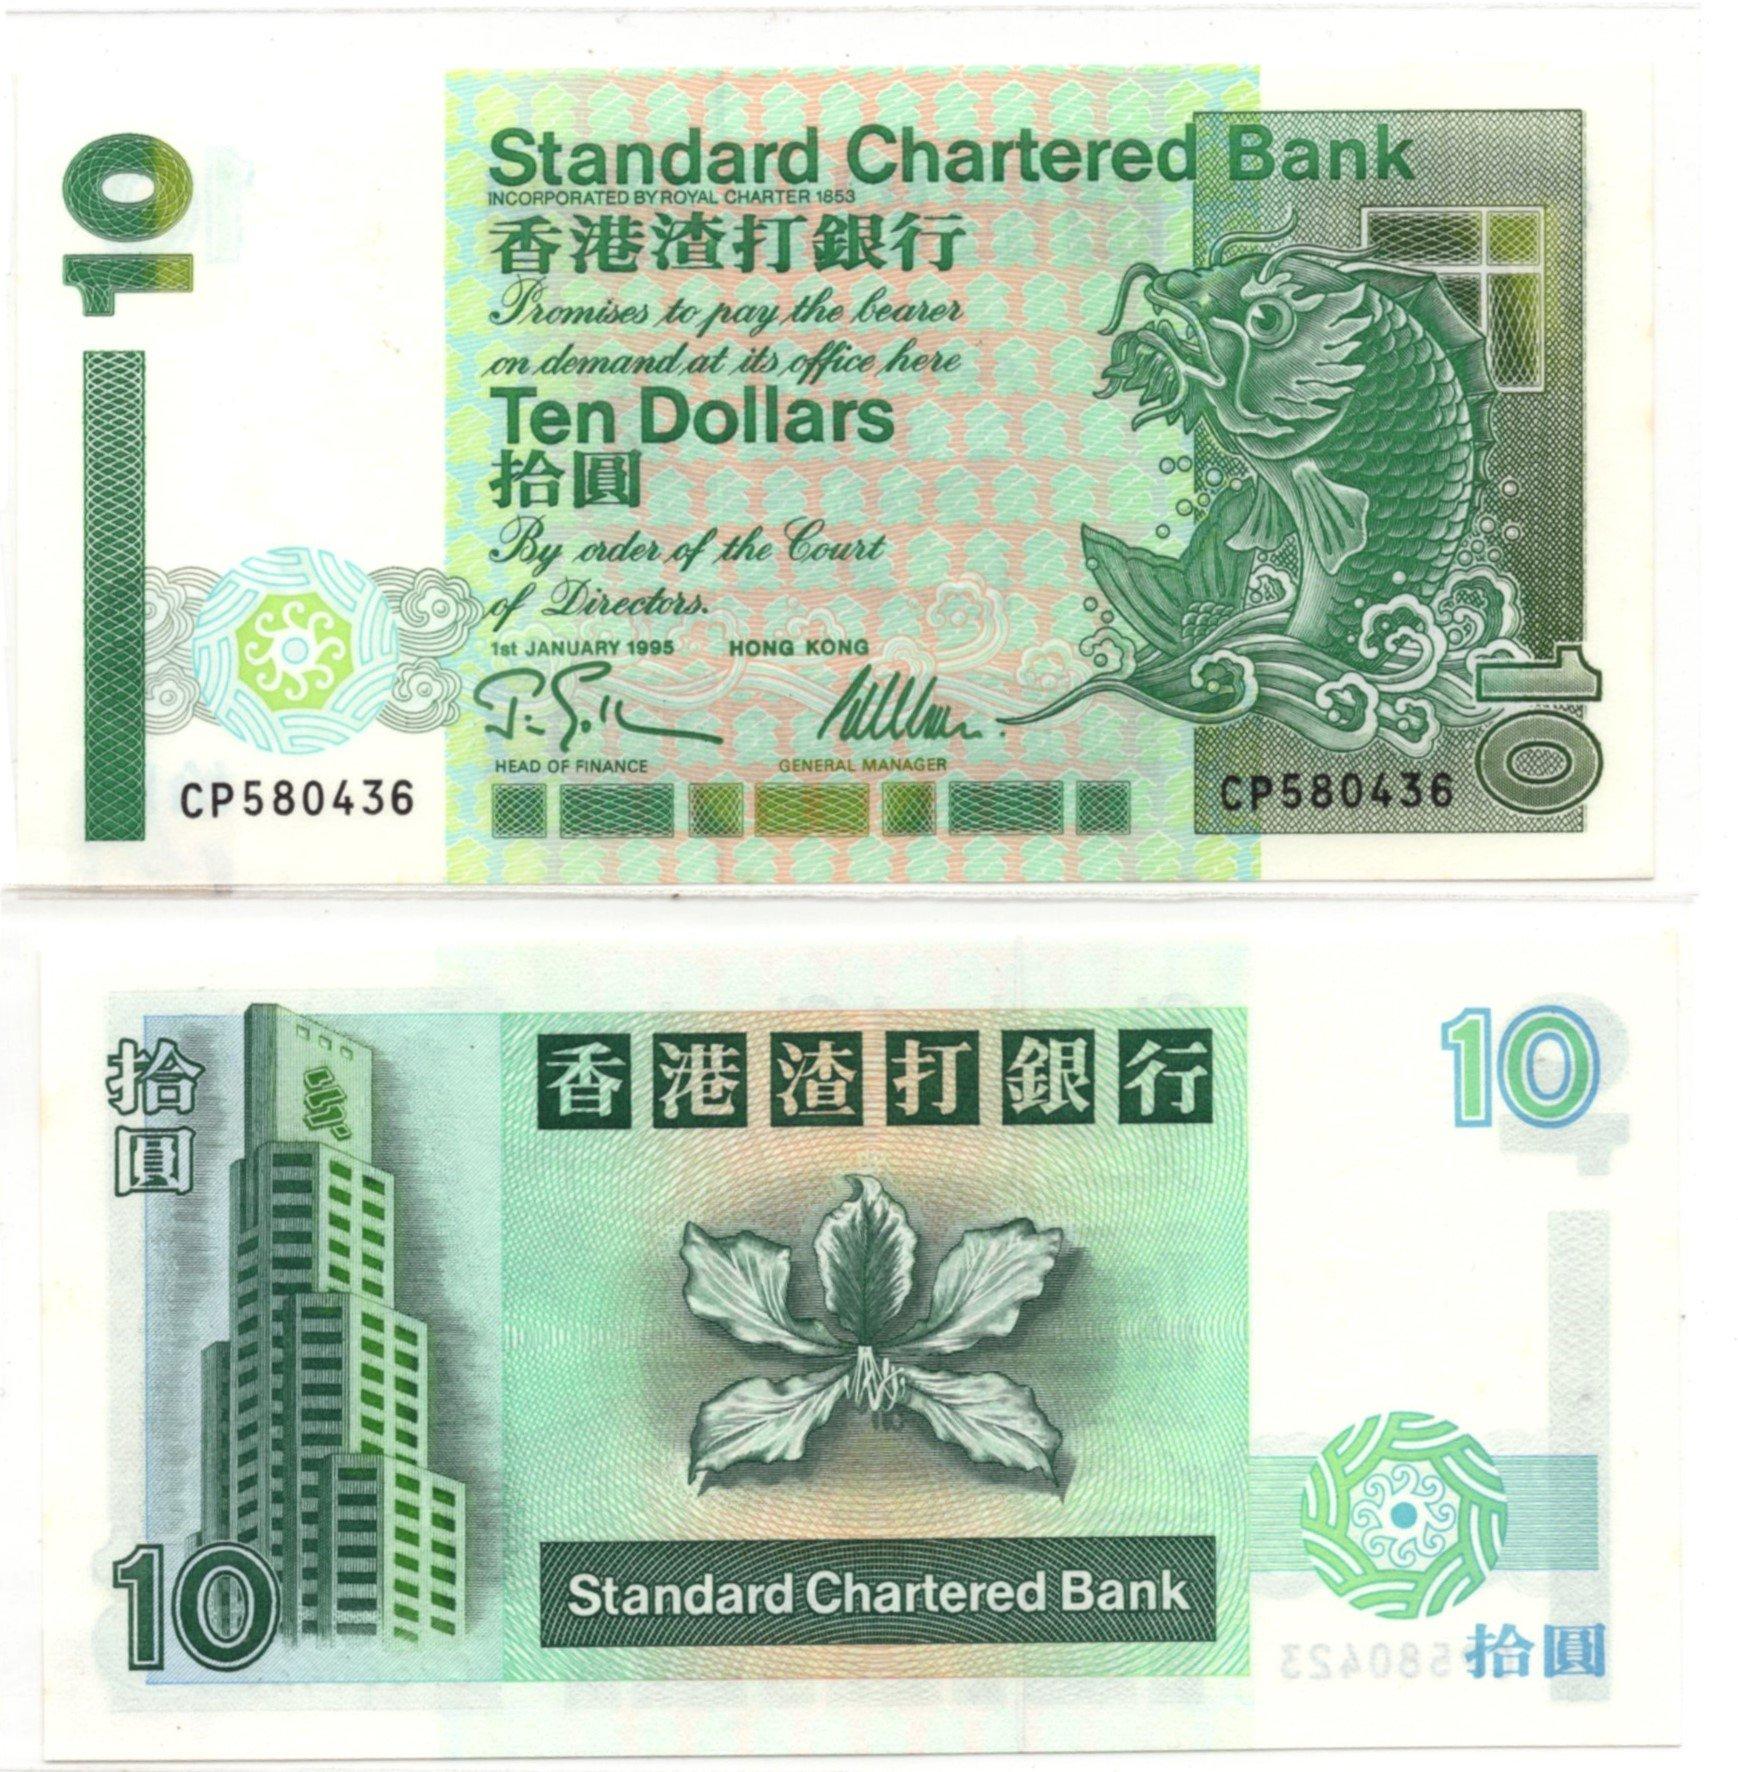 HK 10 dollars P284